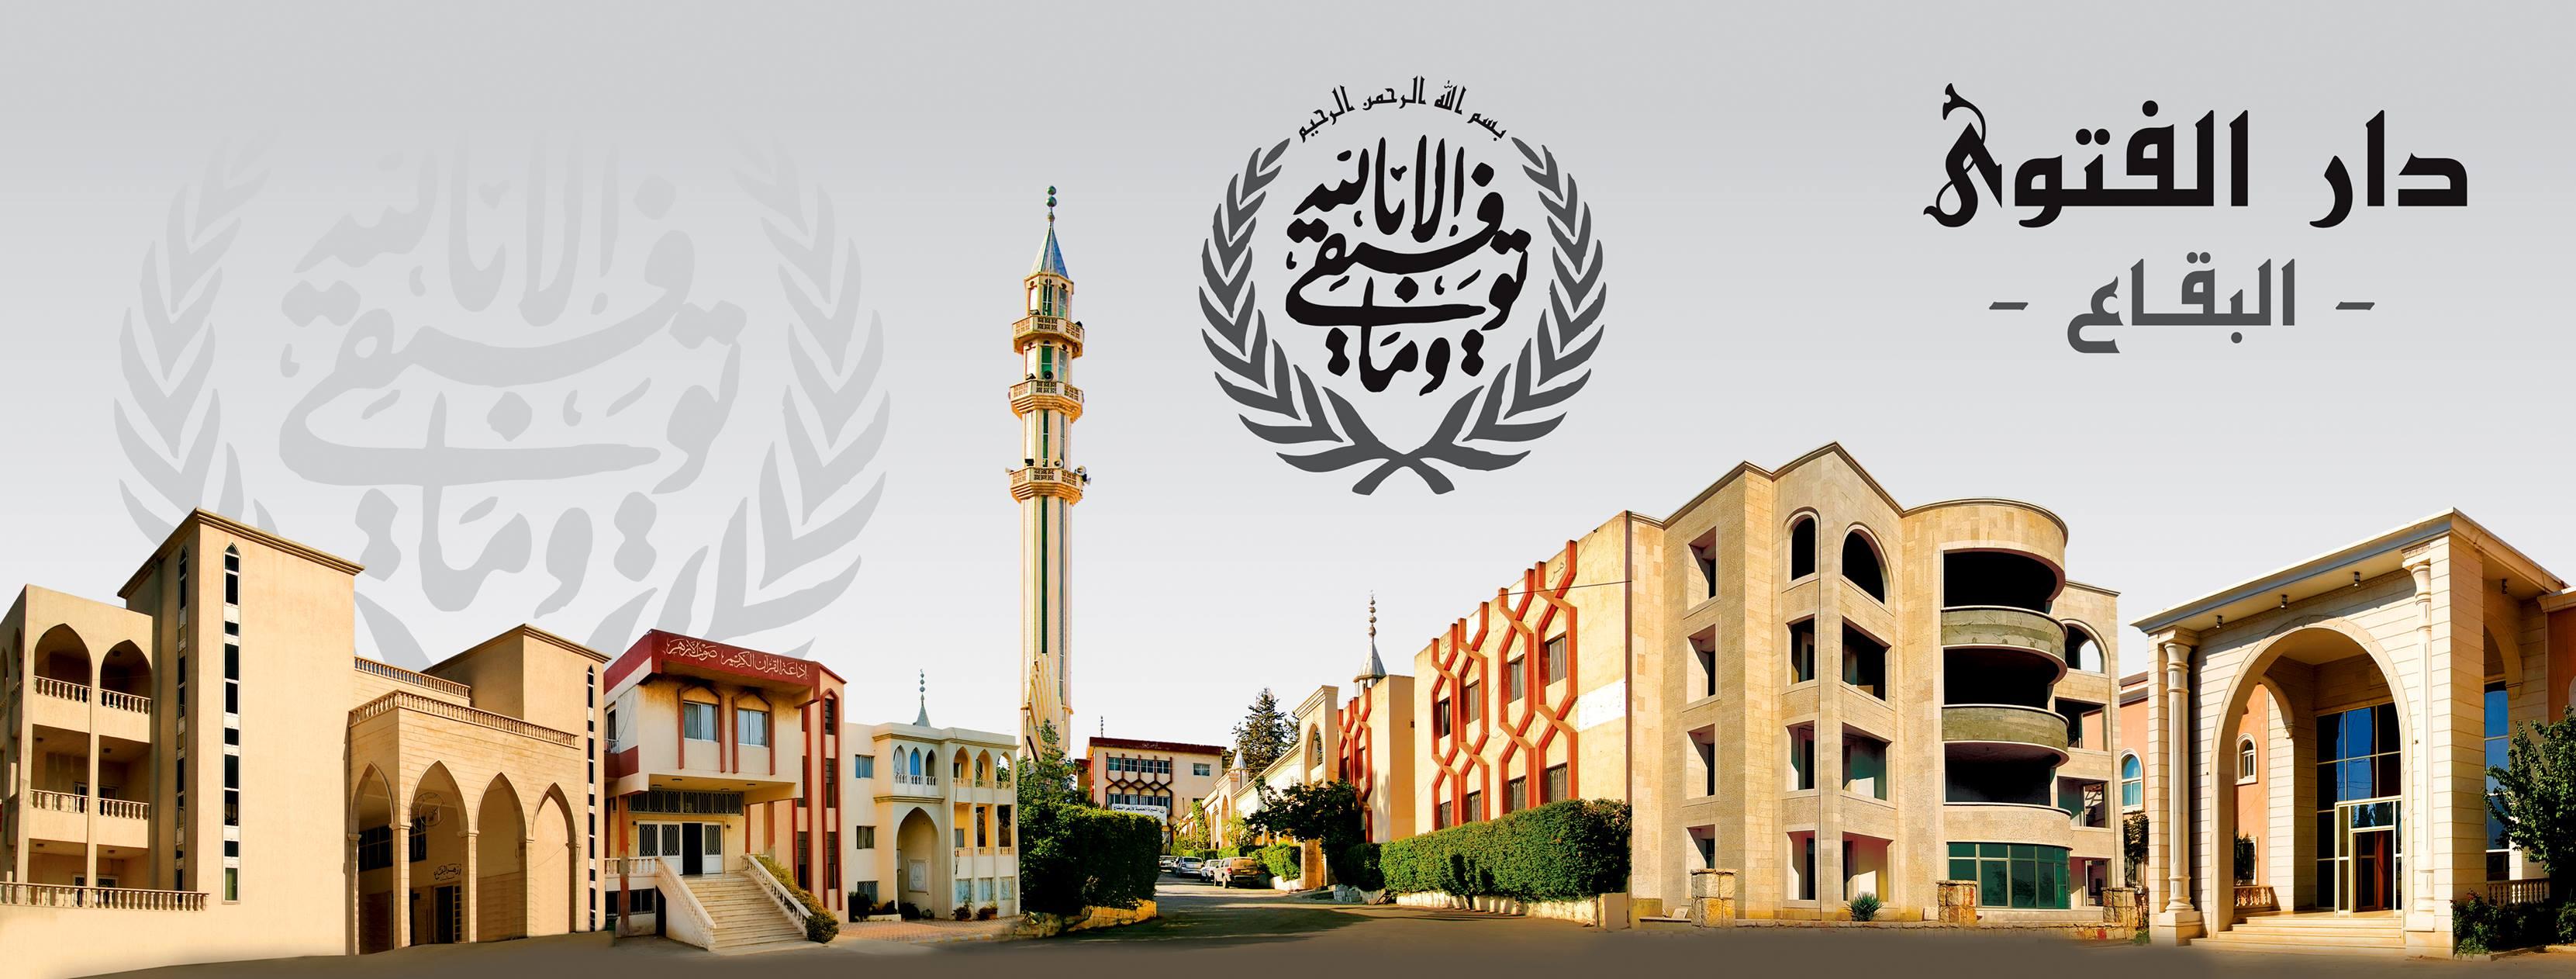 مؤسسات الأزهر الشريف بمنطقة البقاع – لبنان